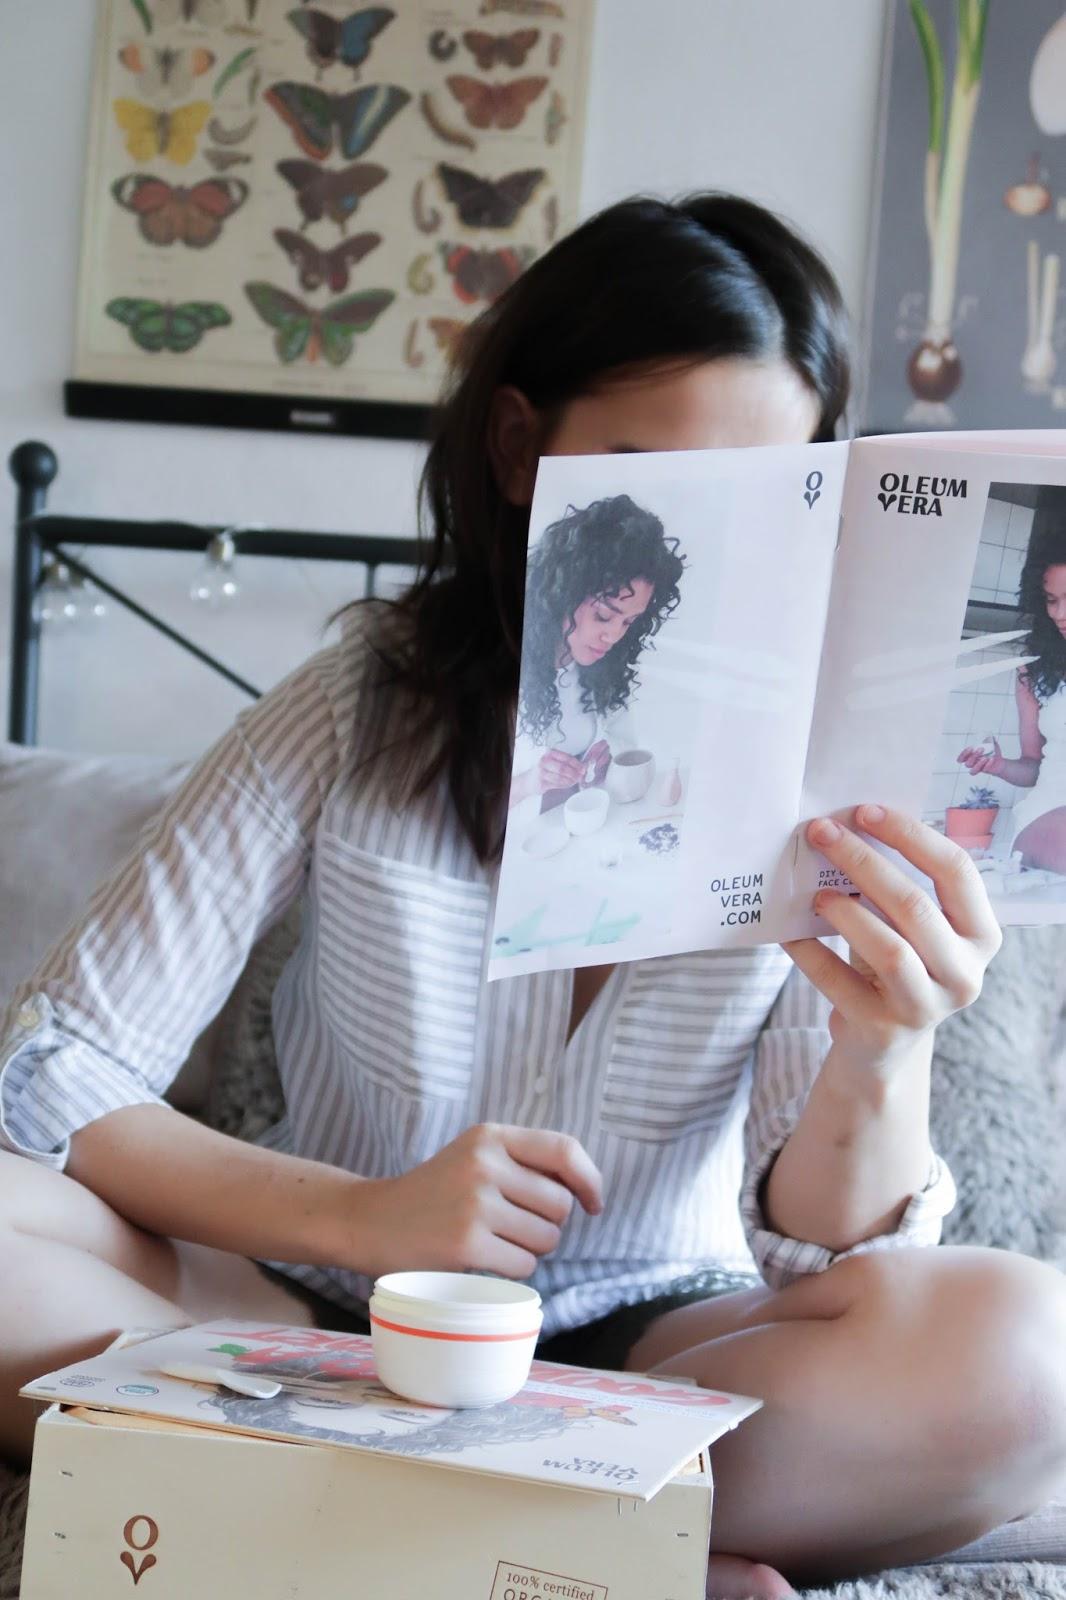 Oleum Vera: DIY Organic Face Cleansing